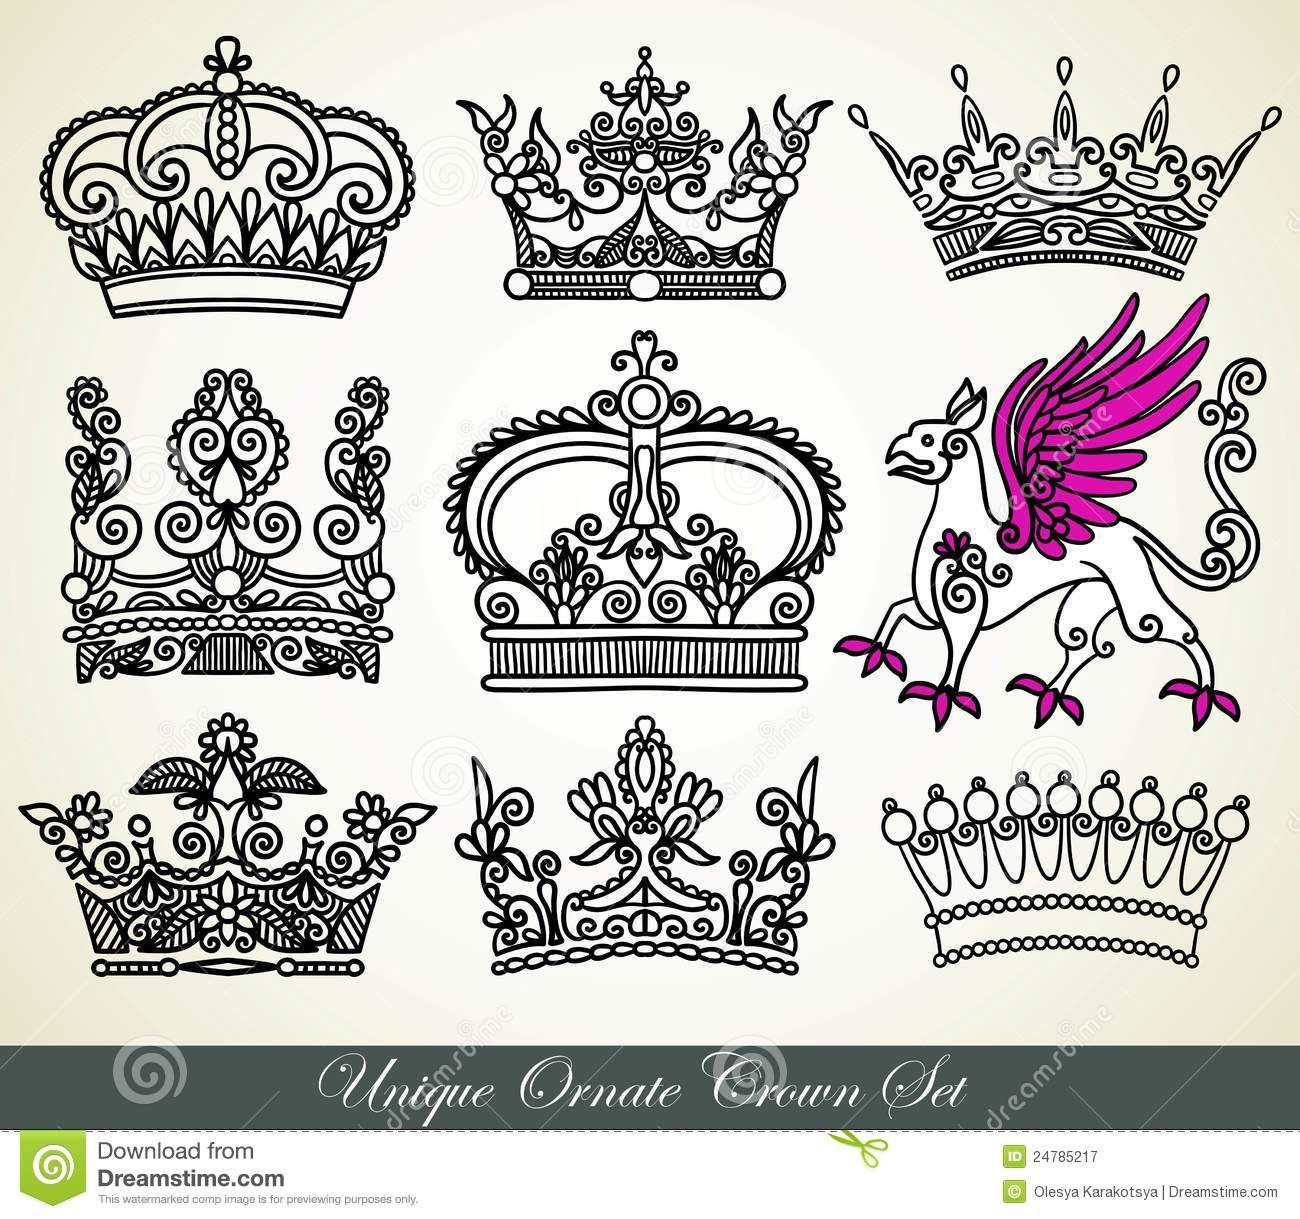 tribal crown tattoo - Pesquisa Google | Tattoo | Pinterest | Tattoo ...